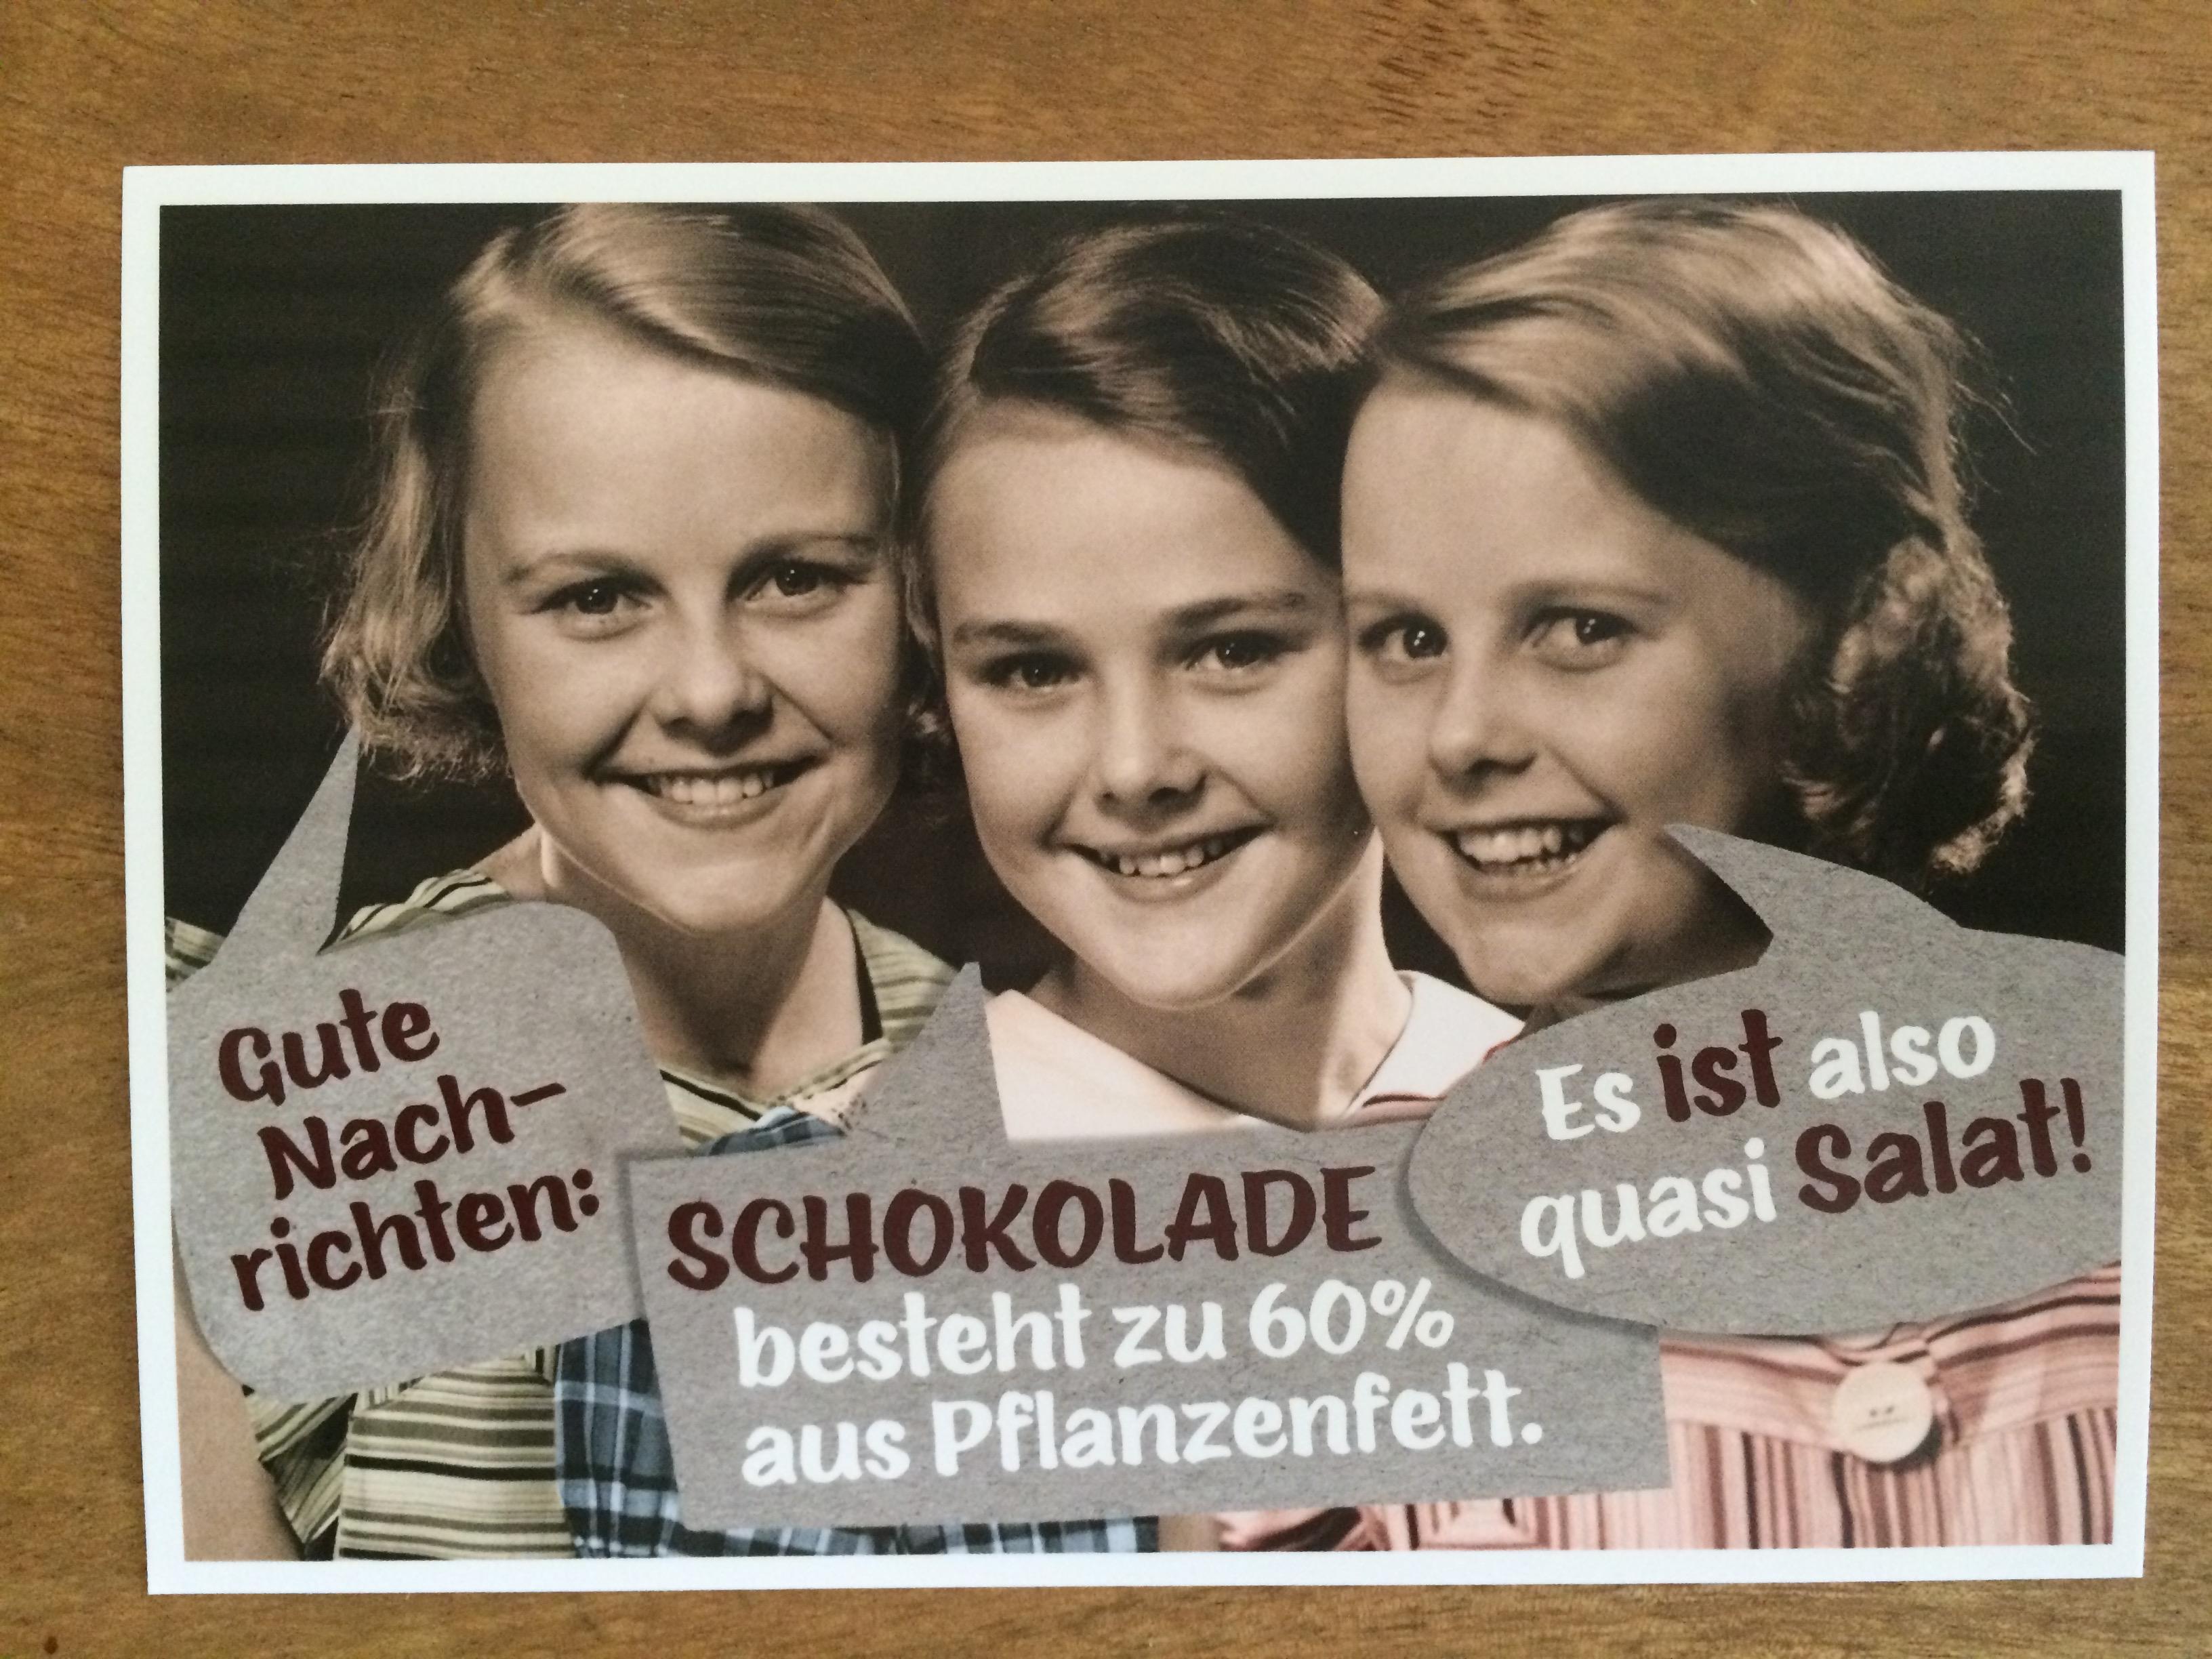 Postkarte Karte Gute Nachrichten Schokolade besteht zu 60 aus Pflanzenfett. Es ist also quasi S